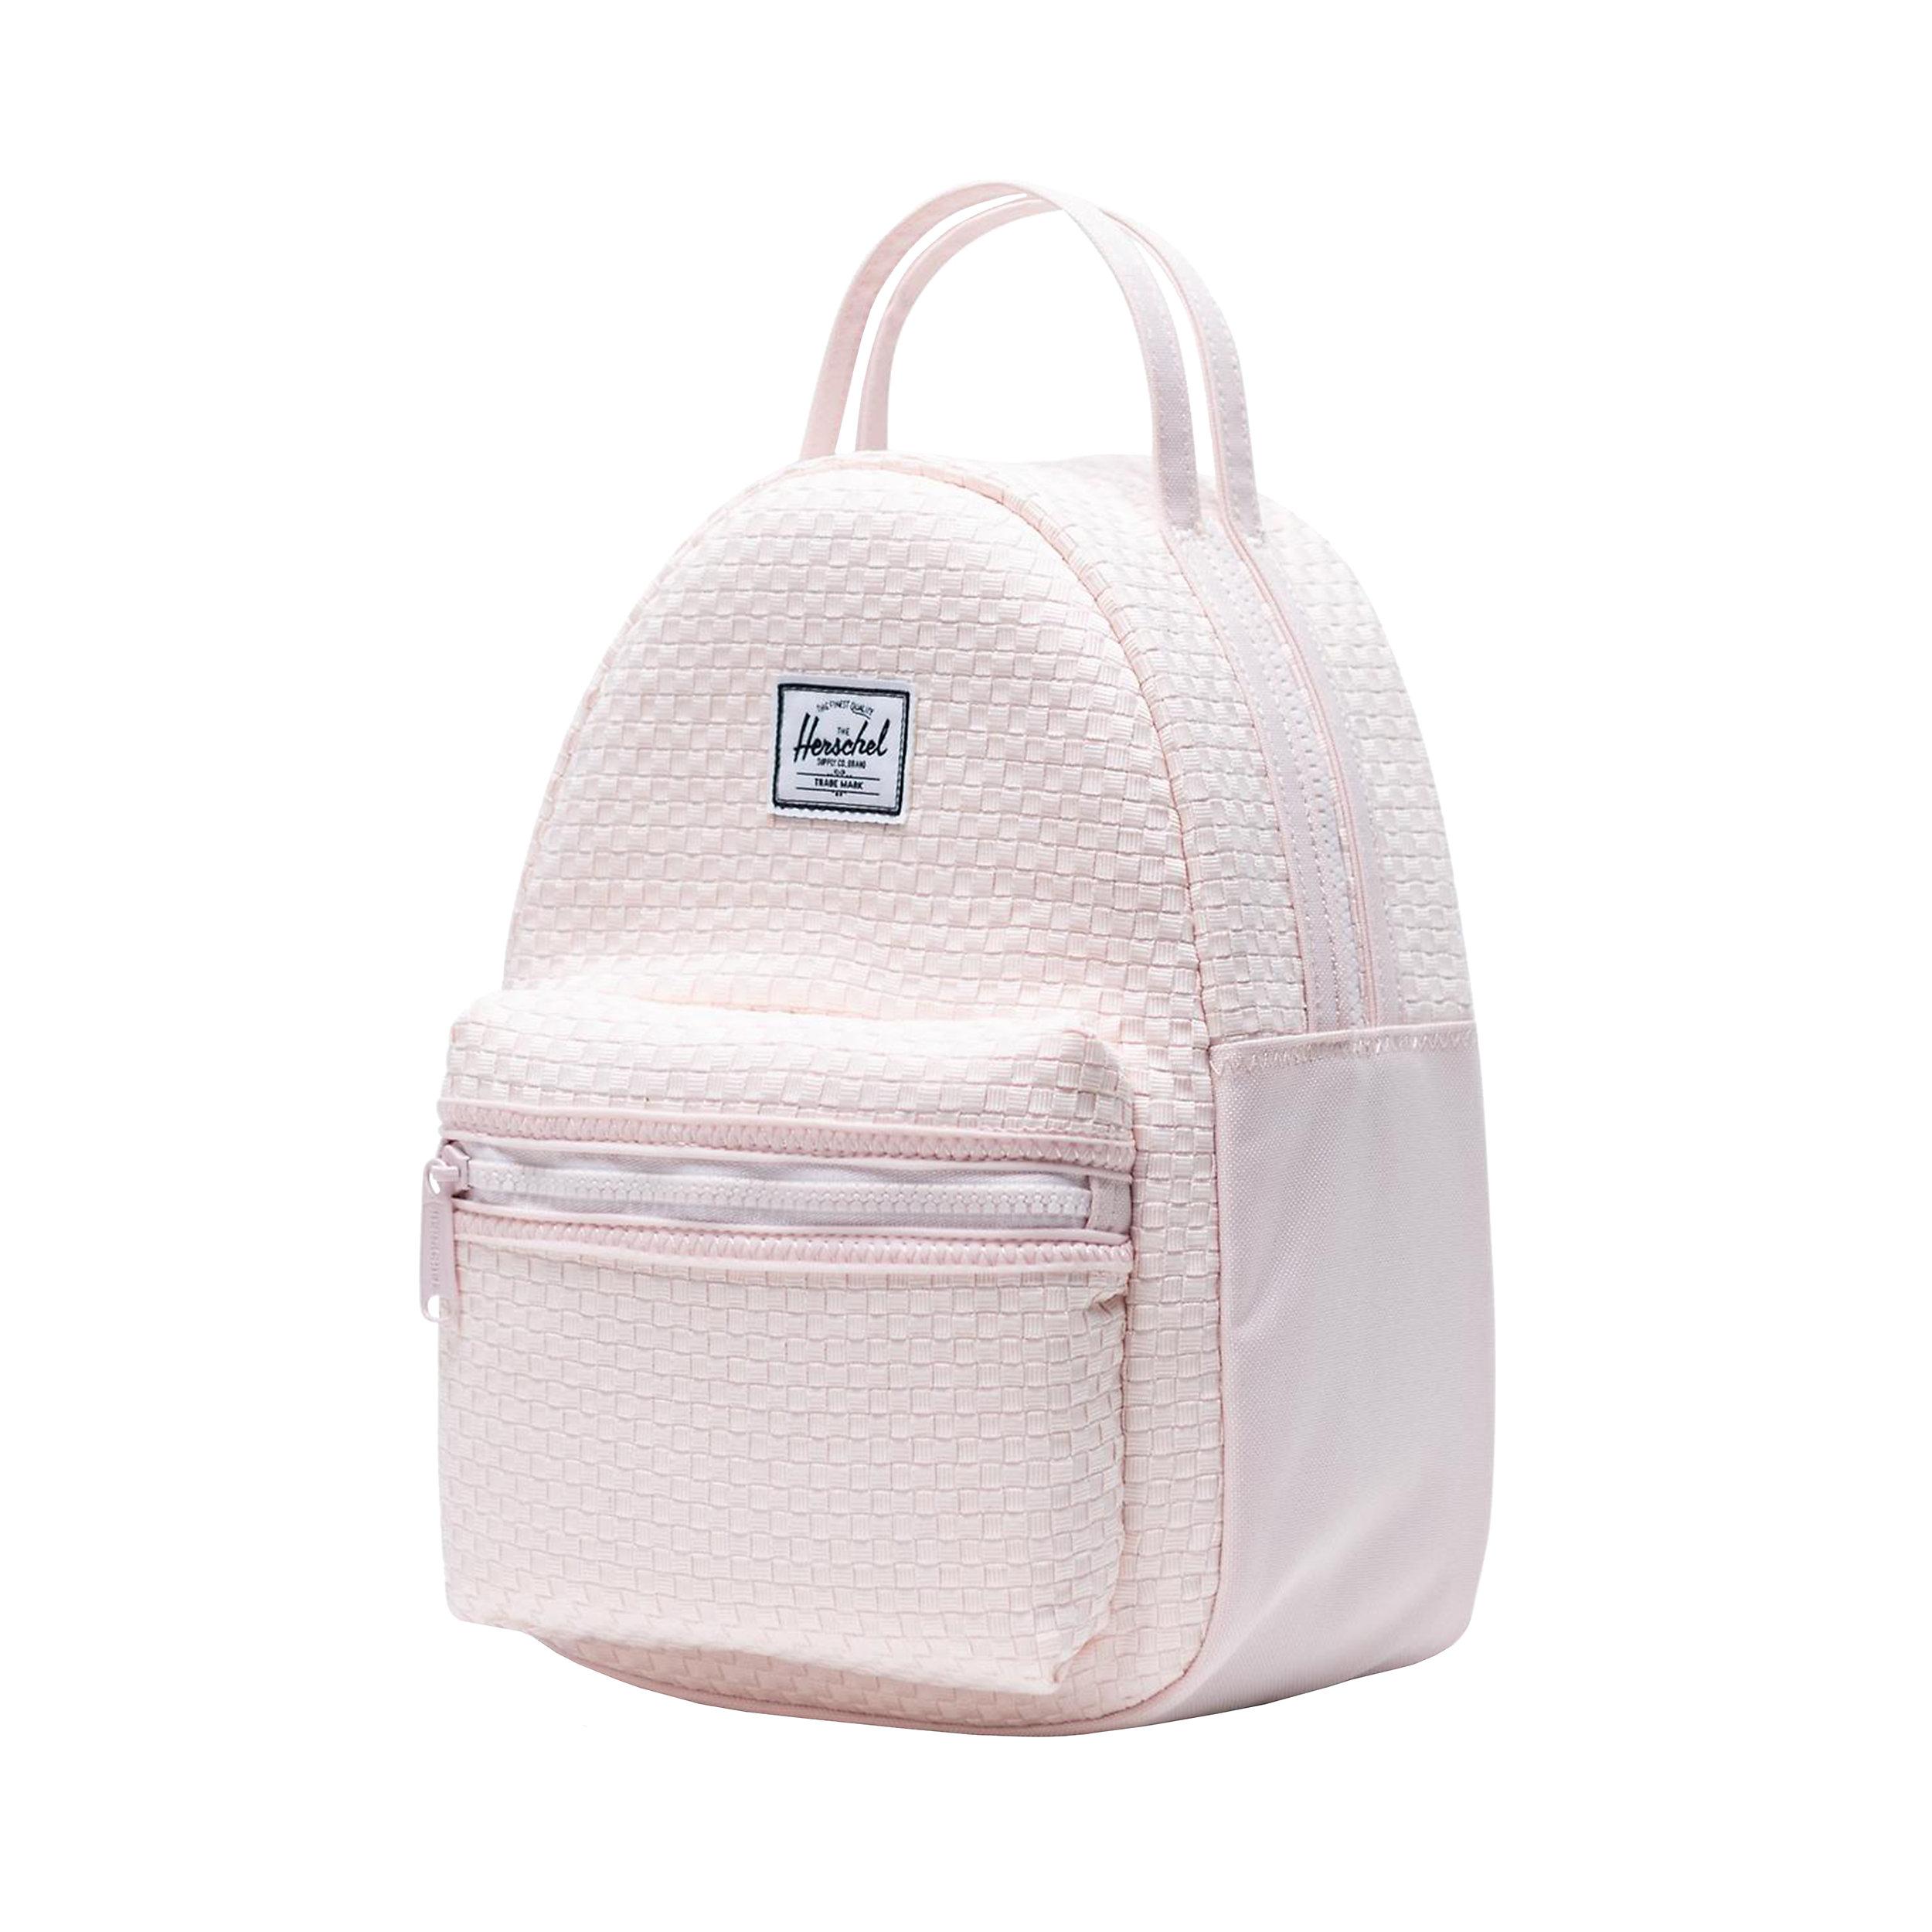 Backpack Nova Mini Woven 9 Liter